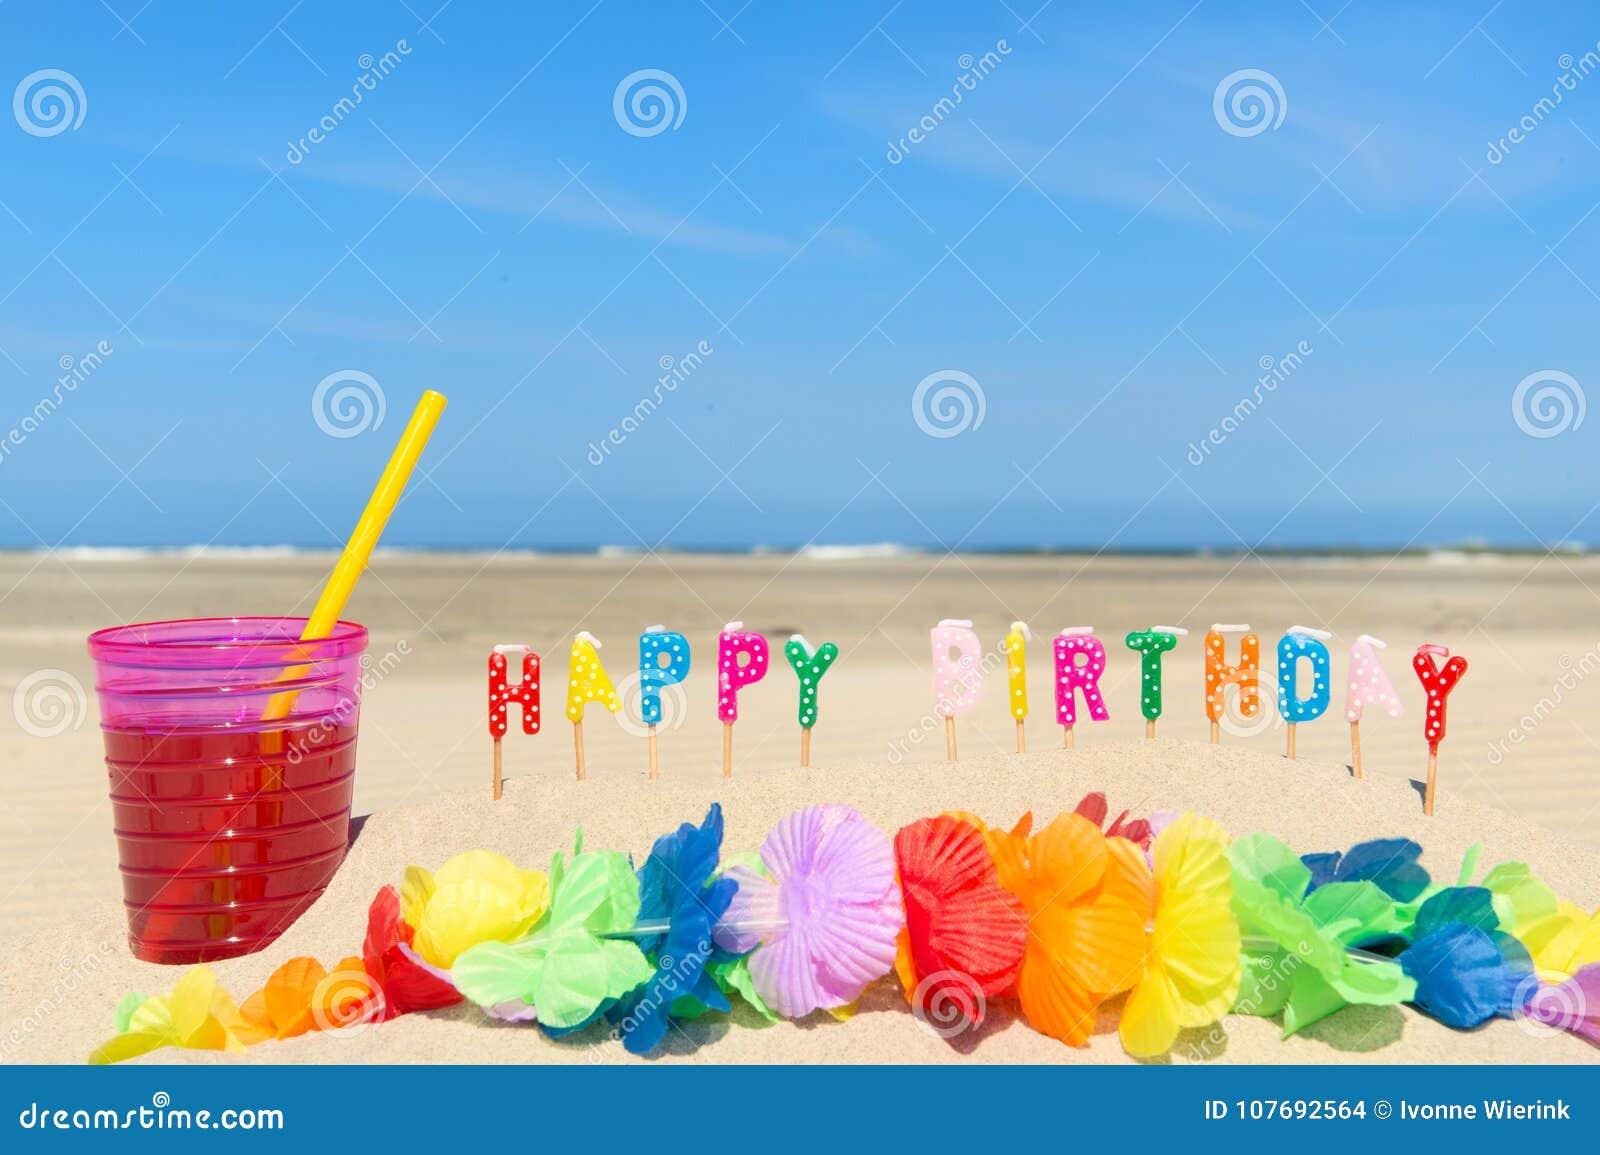 Feliz cumpleaños en la playa